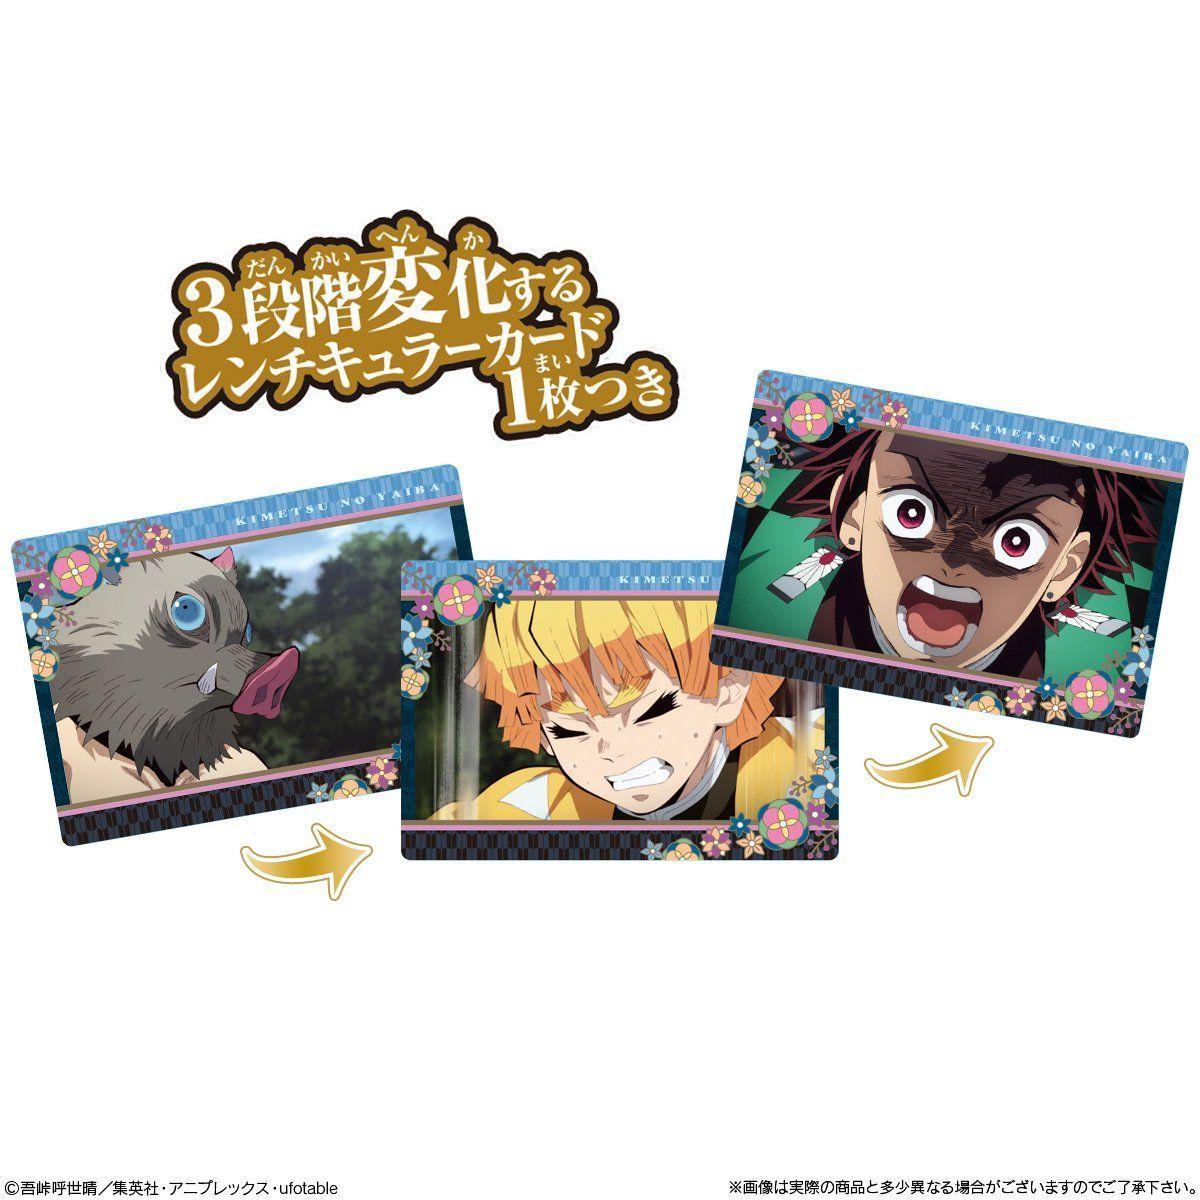 【食玩】鬼滅の刃『名場面回顧カードチョコスナック2』10個入りBOX-003